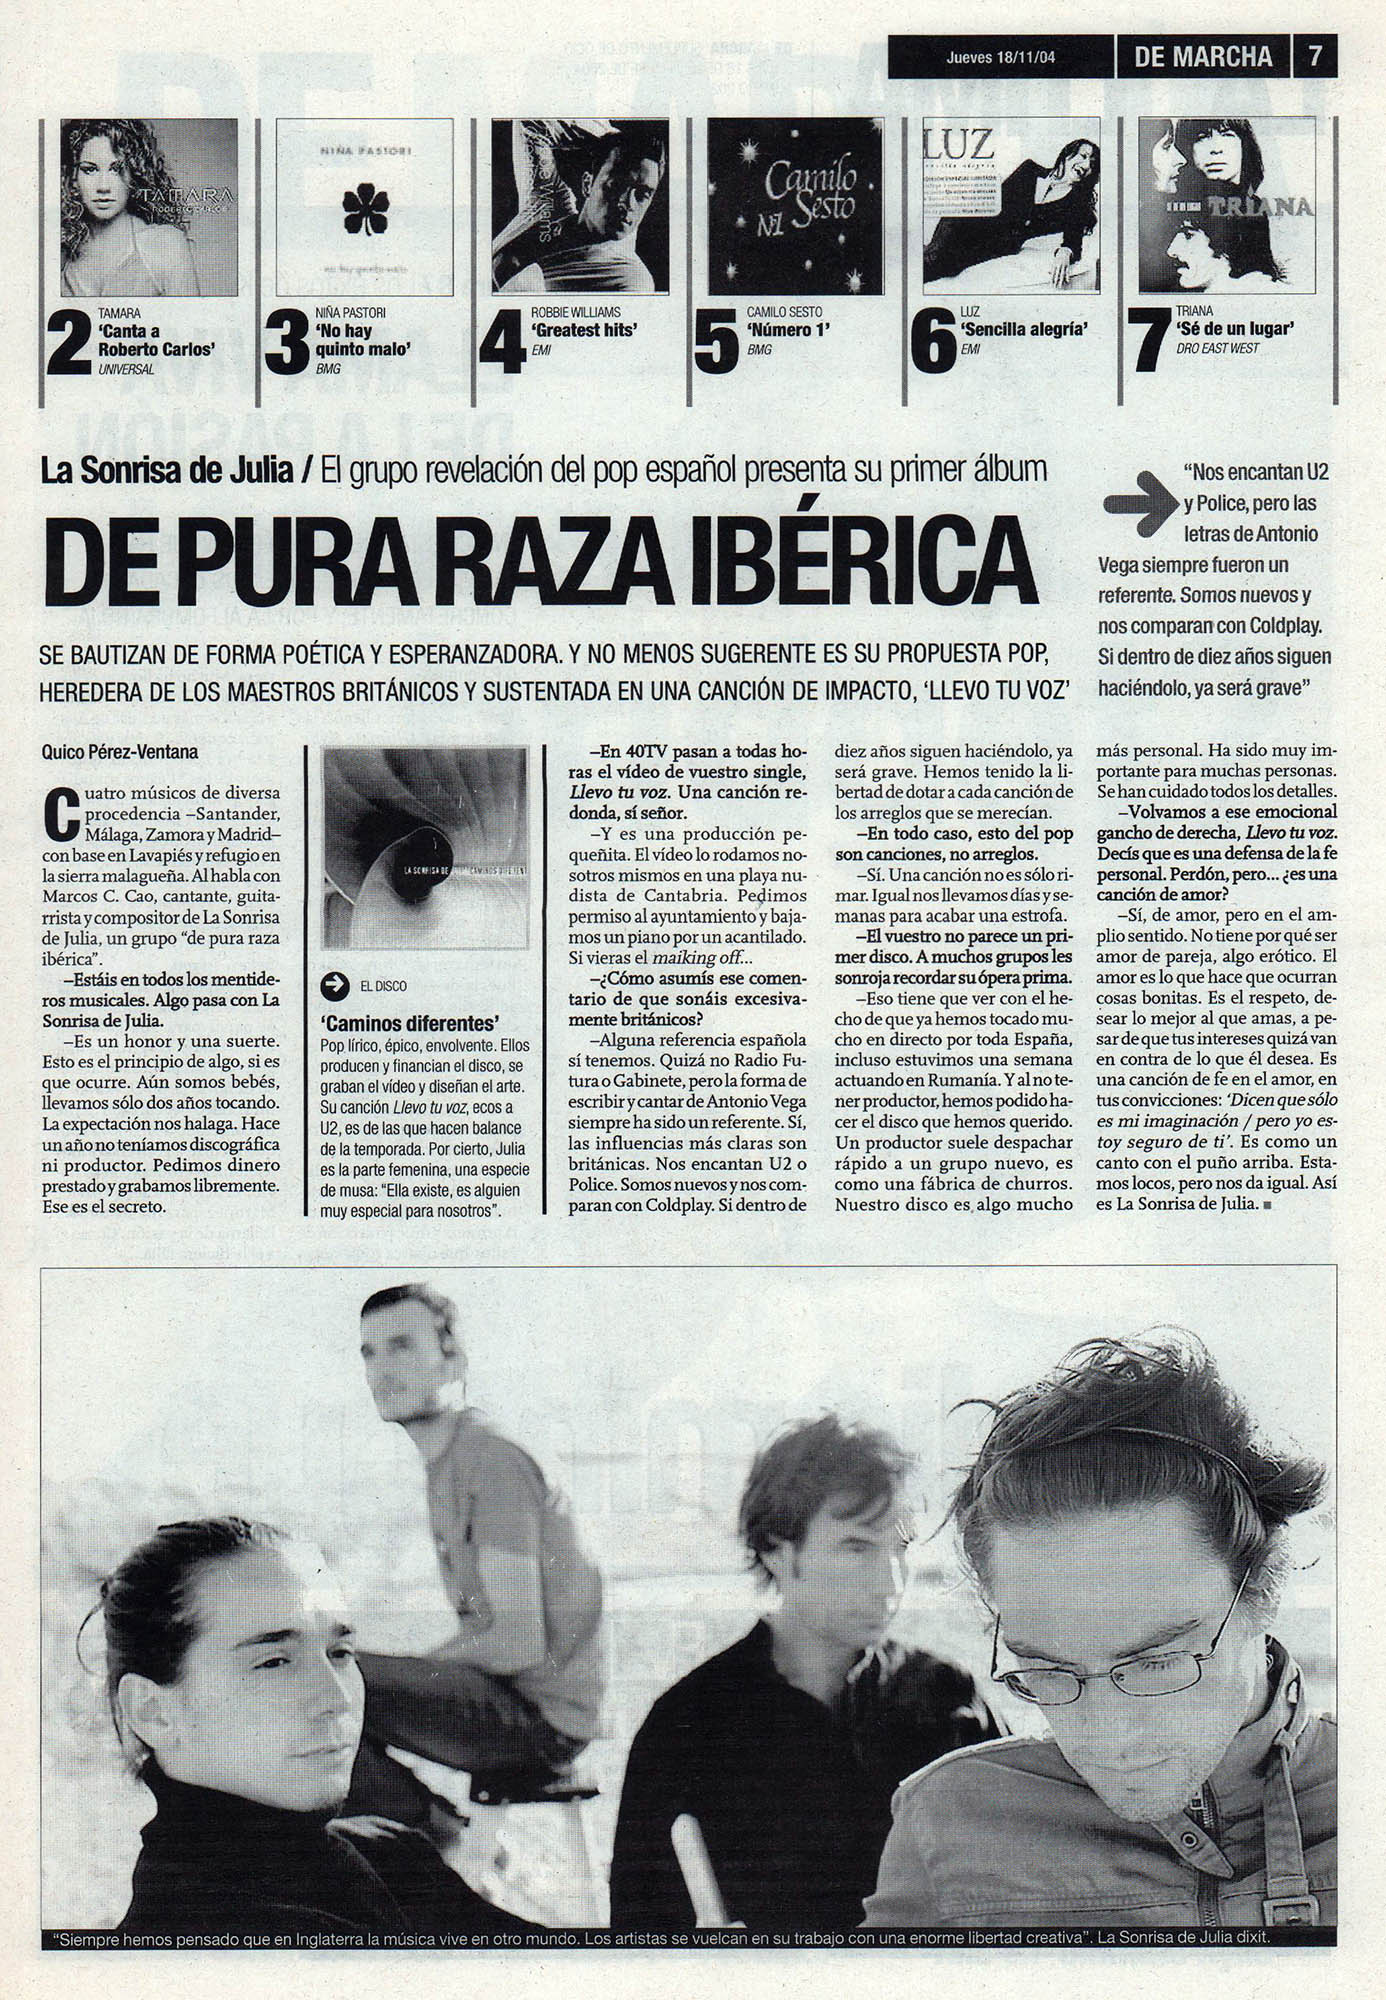 La sonrisa de Julia: de pura raza ibérica – Caminos diferentes | De Marcha – El Correo | 18 nov 2004